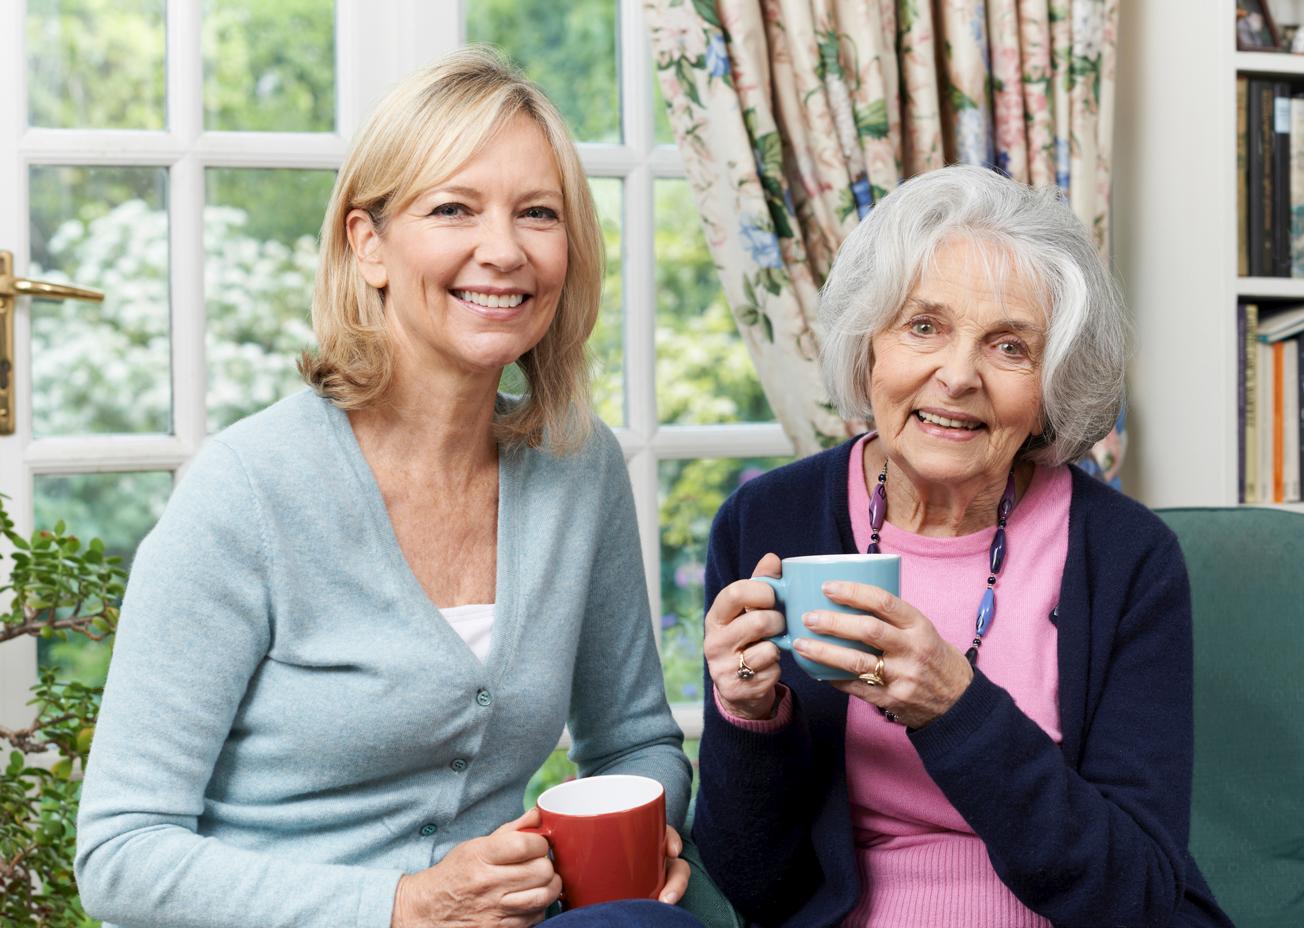 Cuidar familiar con Alzheimer